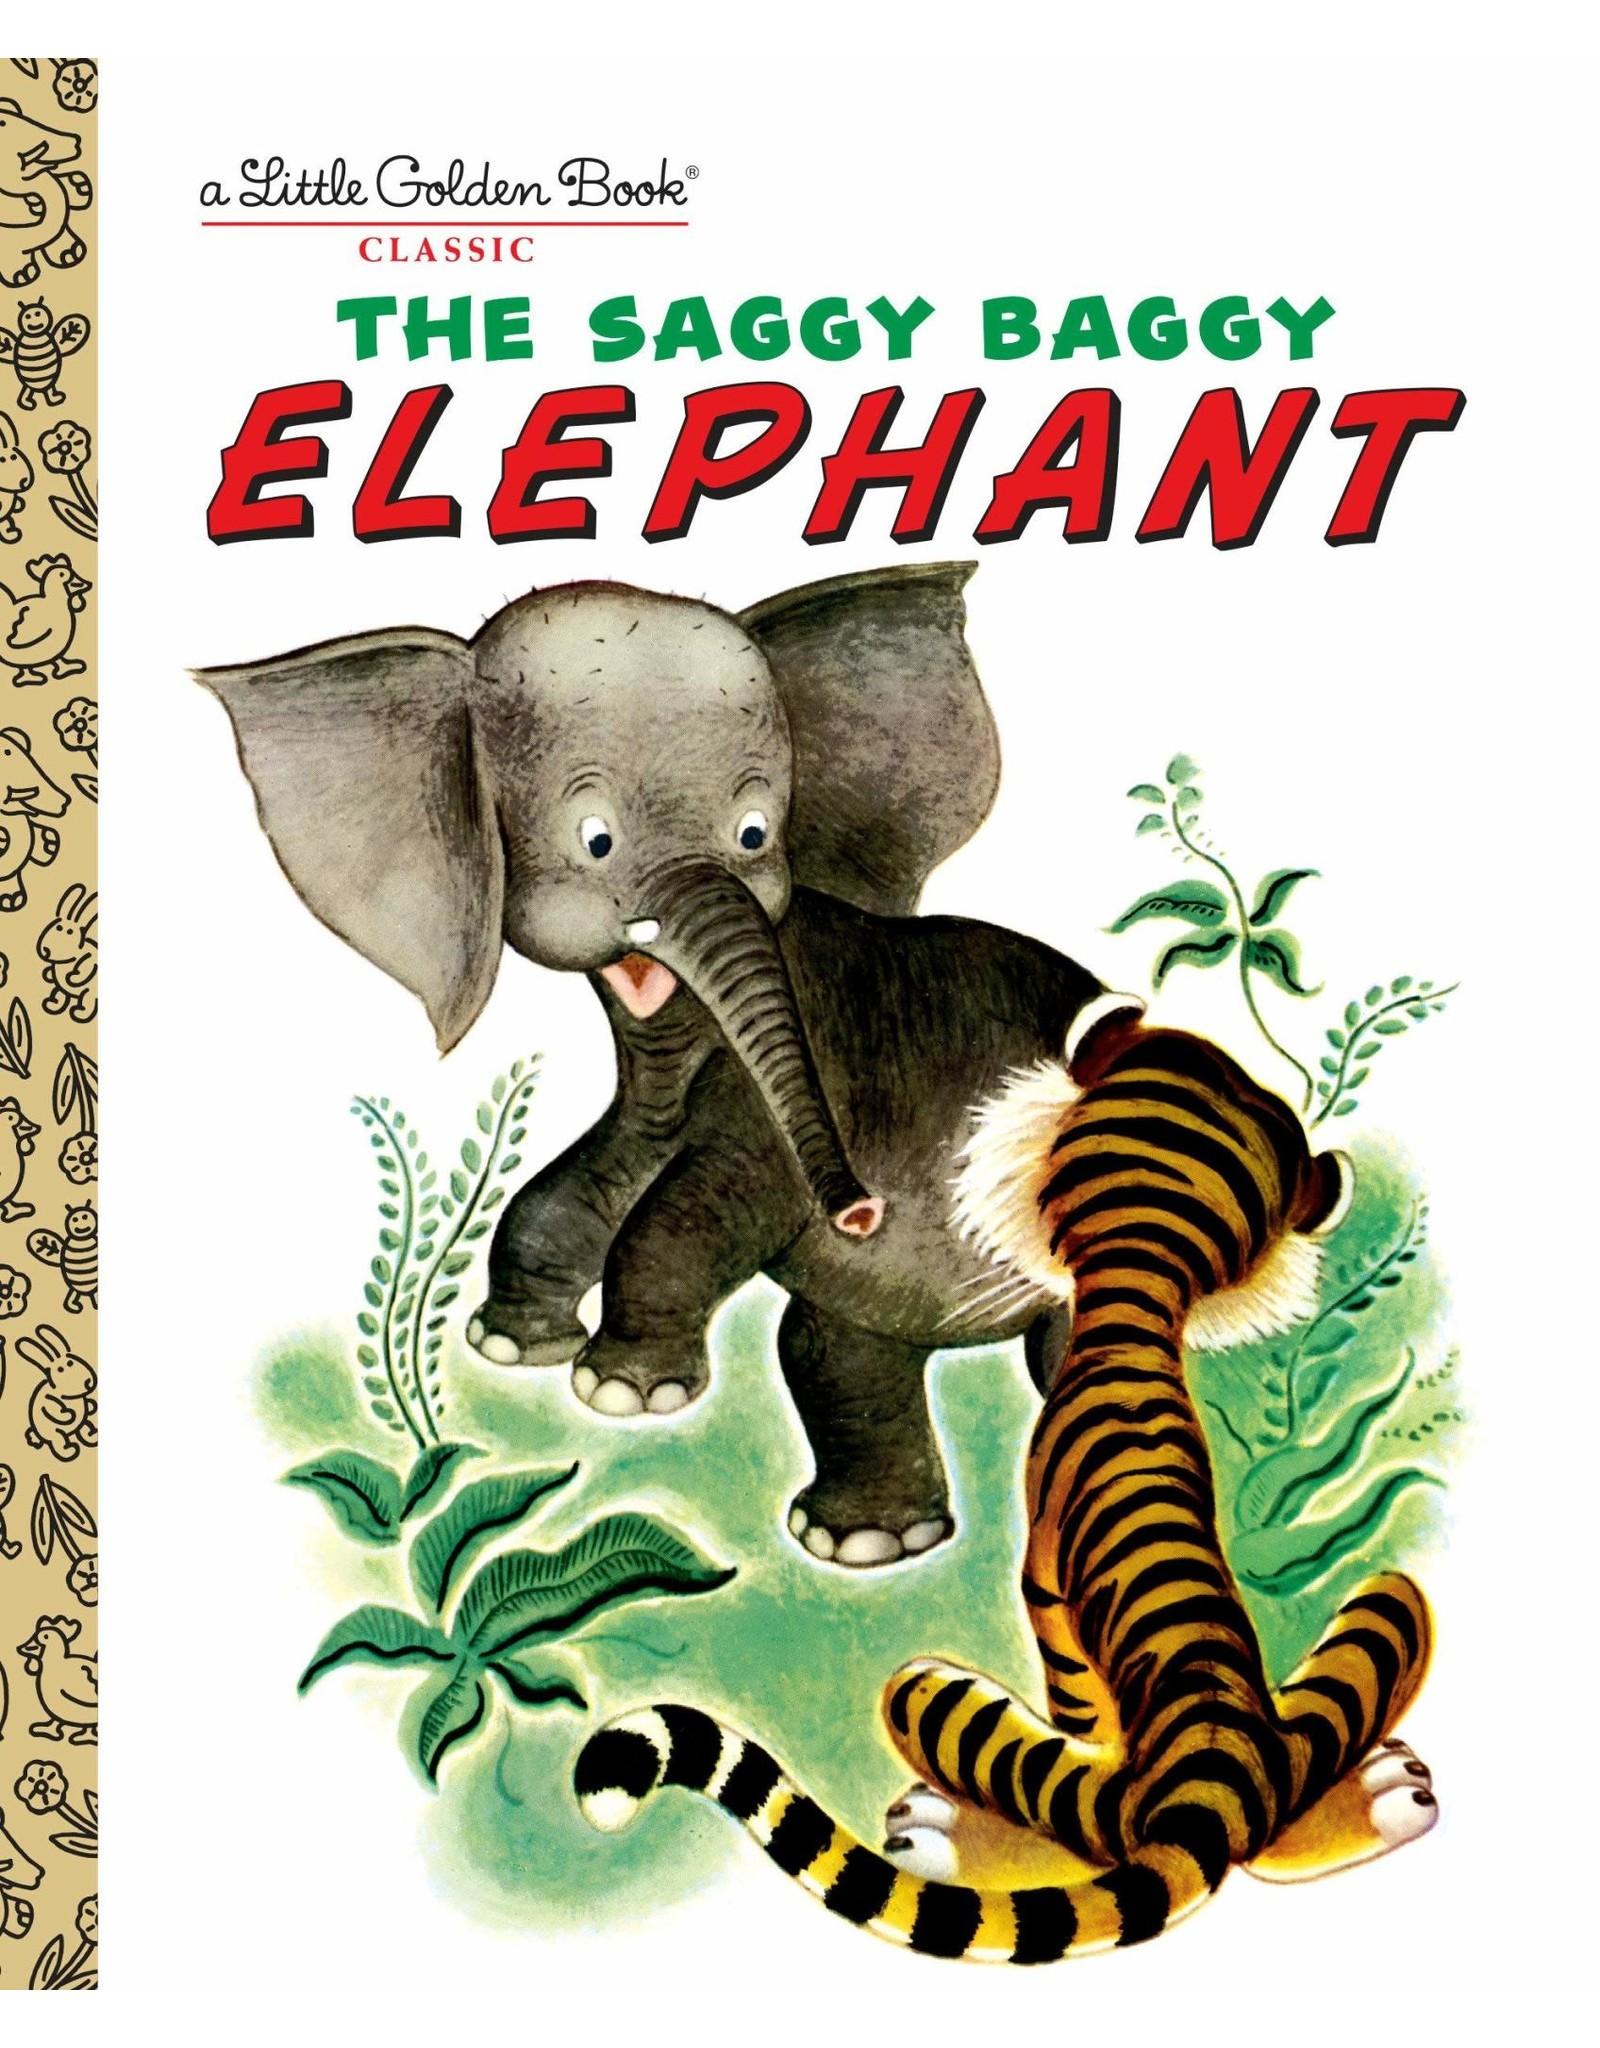 Little Golden Books The Saggy, Baggy Elephant Little Golden Book